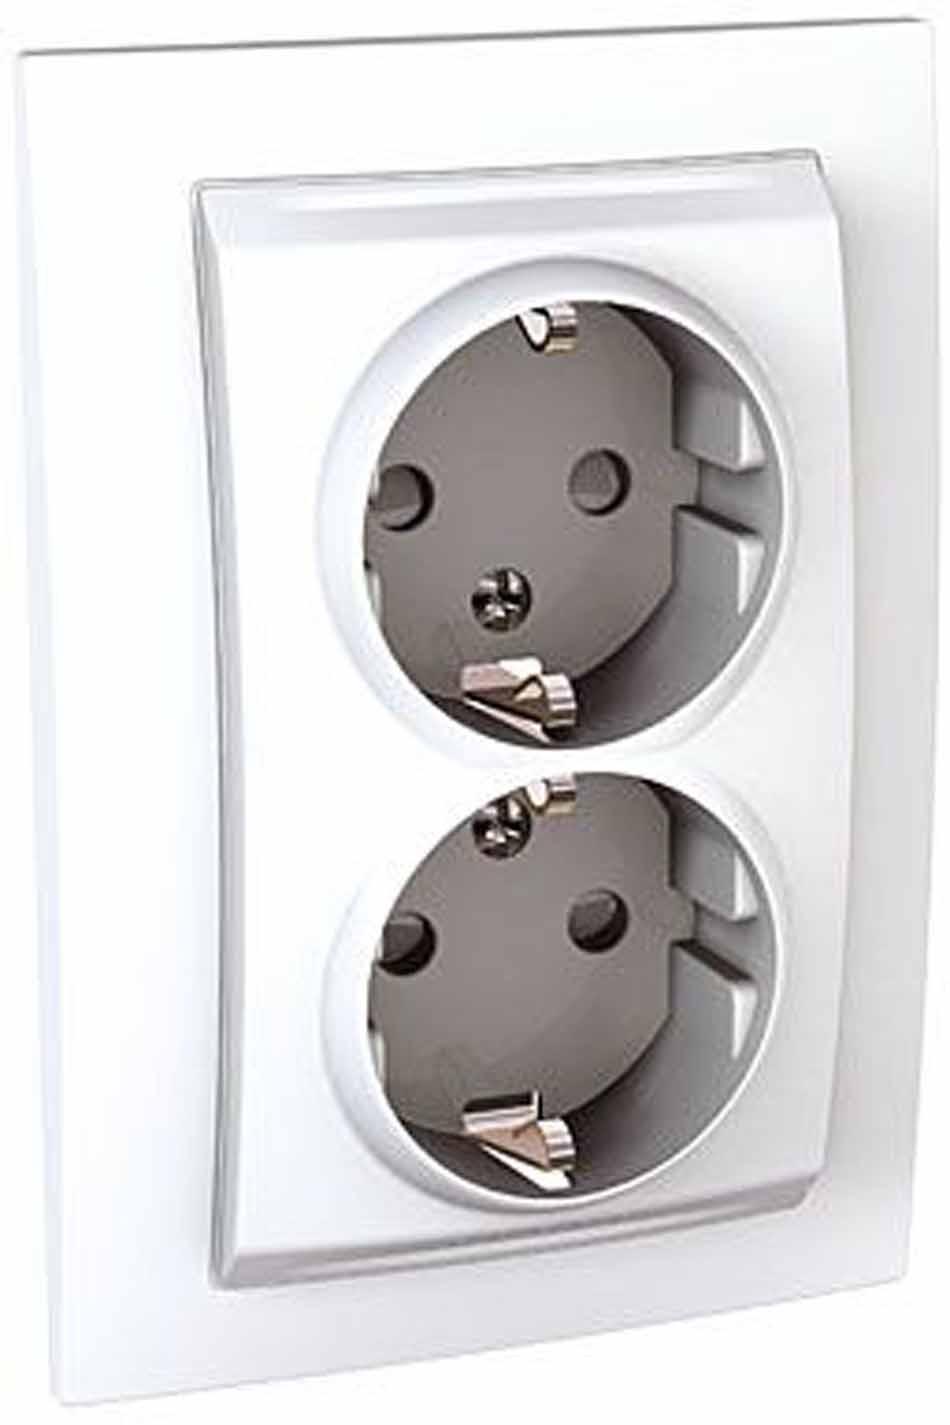 Розетка Schneider Electric Unica, двухместная, с заземлением, с защитными шторками, цвет: белый. MGU23.067.18D розетка simon electric с заземлением цвет белый 16 а 250 в